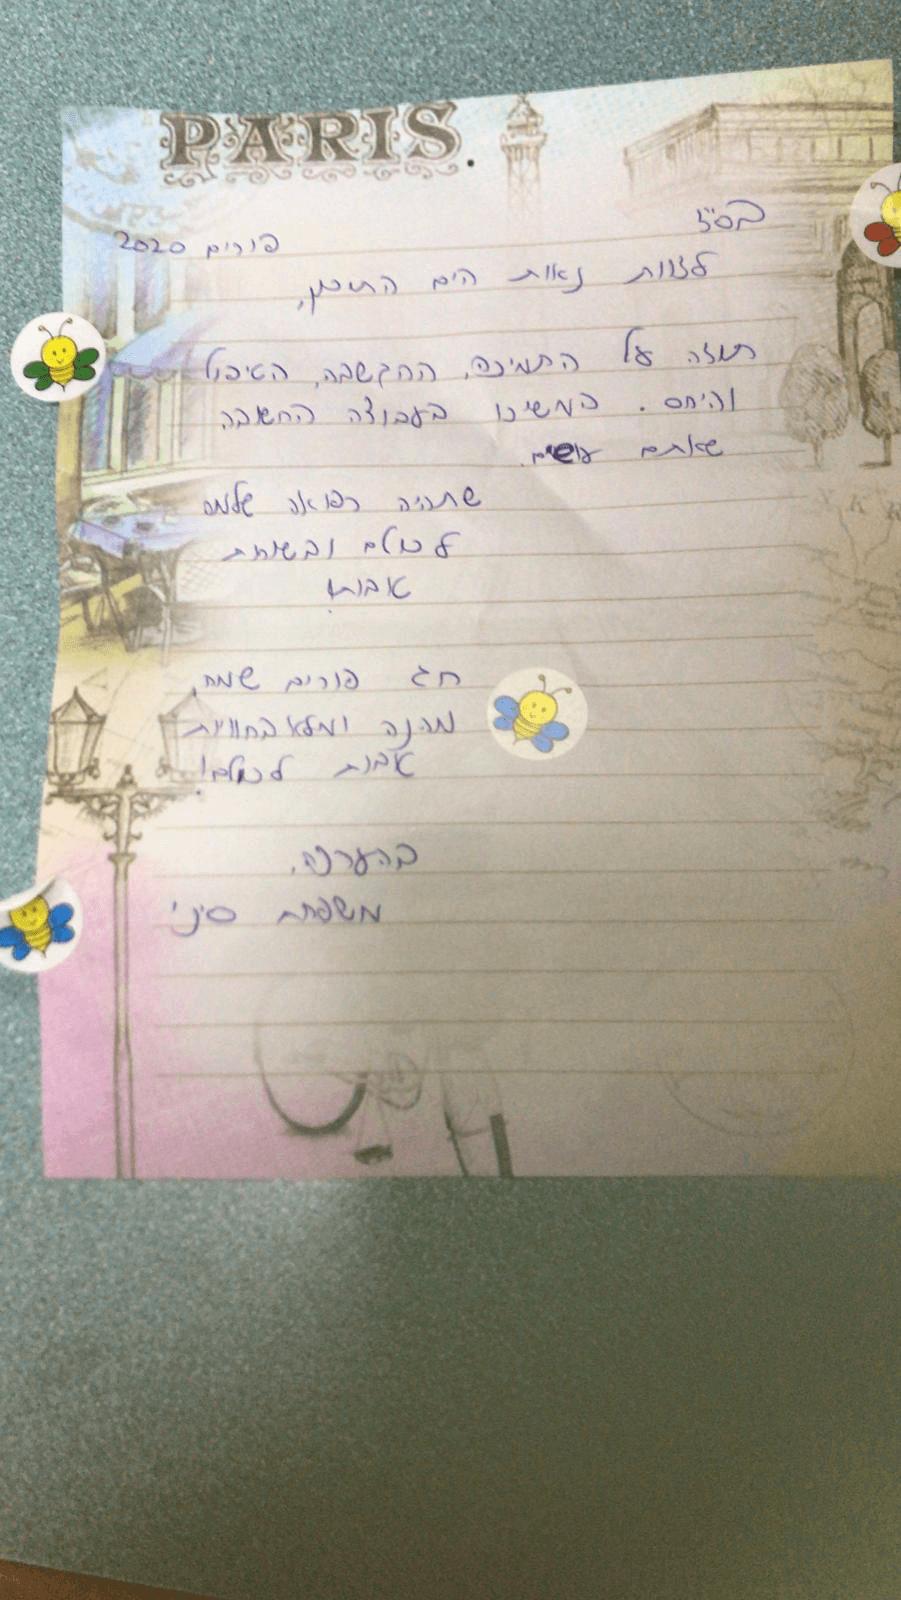 מכתב תודה על נייר עם מדבקות - משפחת סיני , לצוות נאות הים התיכון , ג'יקר וגולדן קר